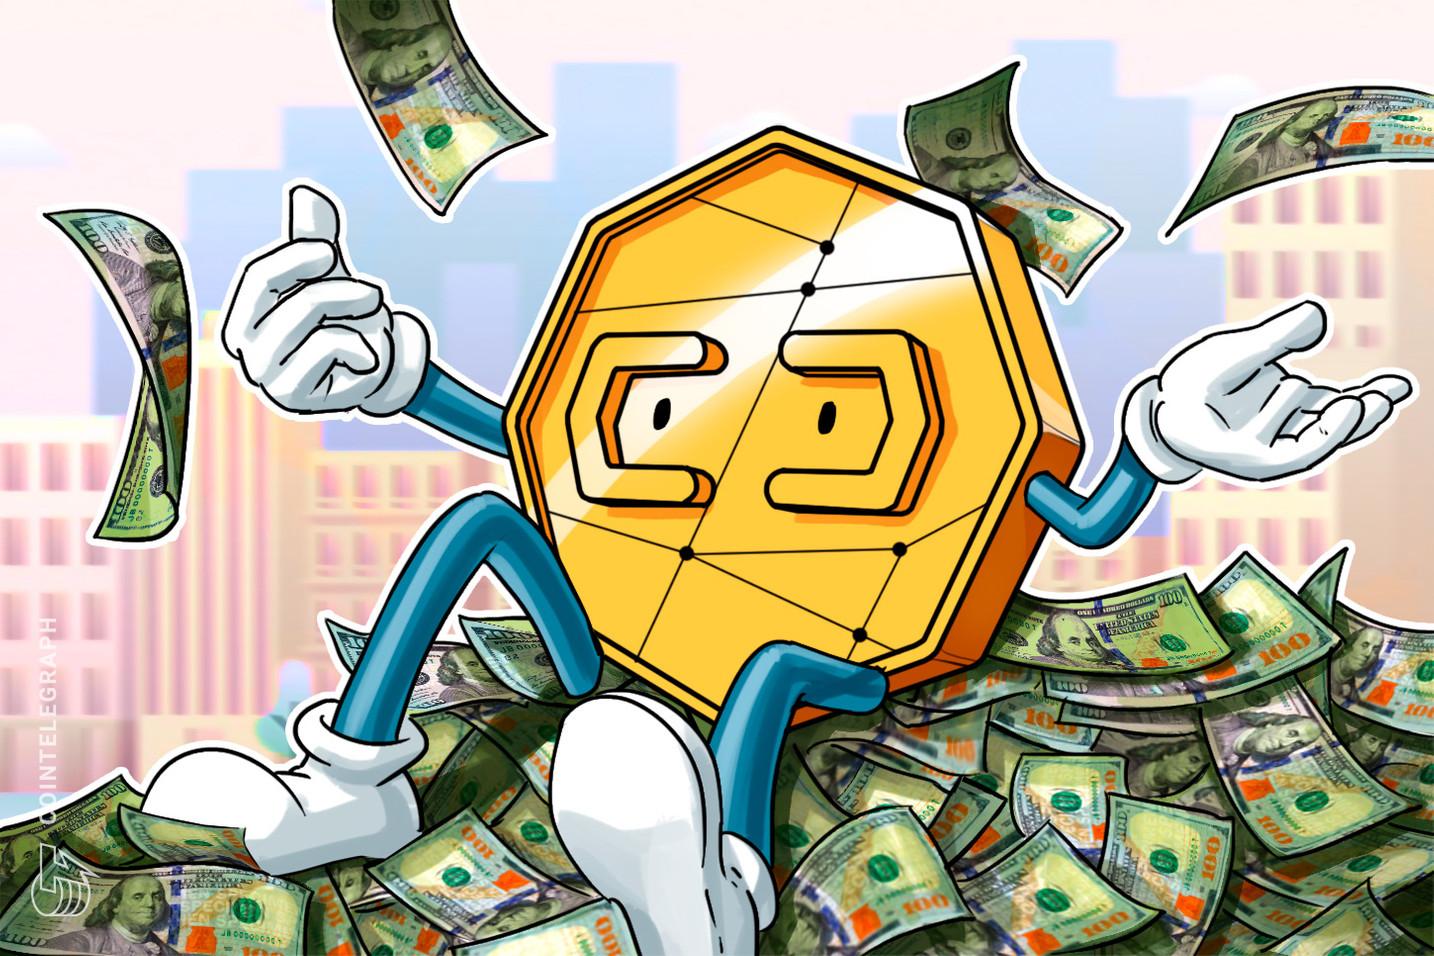 FTX bate recorde na indústria cripto com rodada de financiamento de US$ 900 milhões